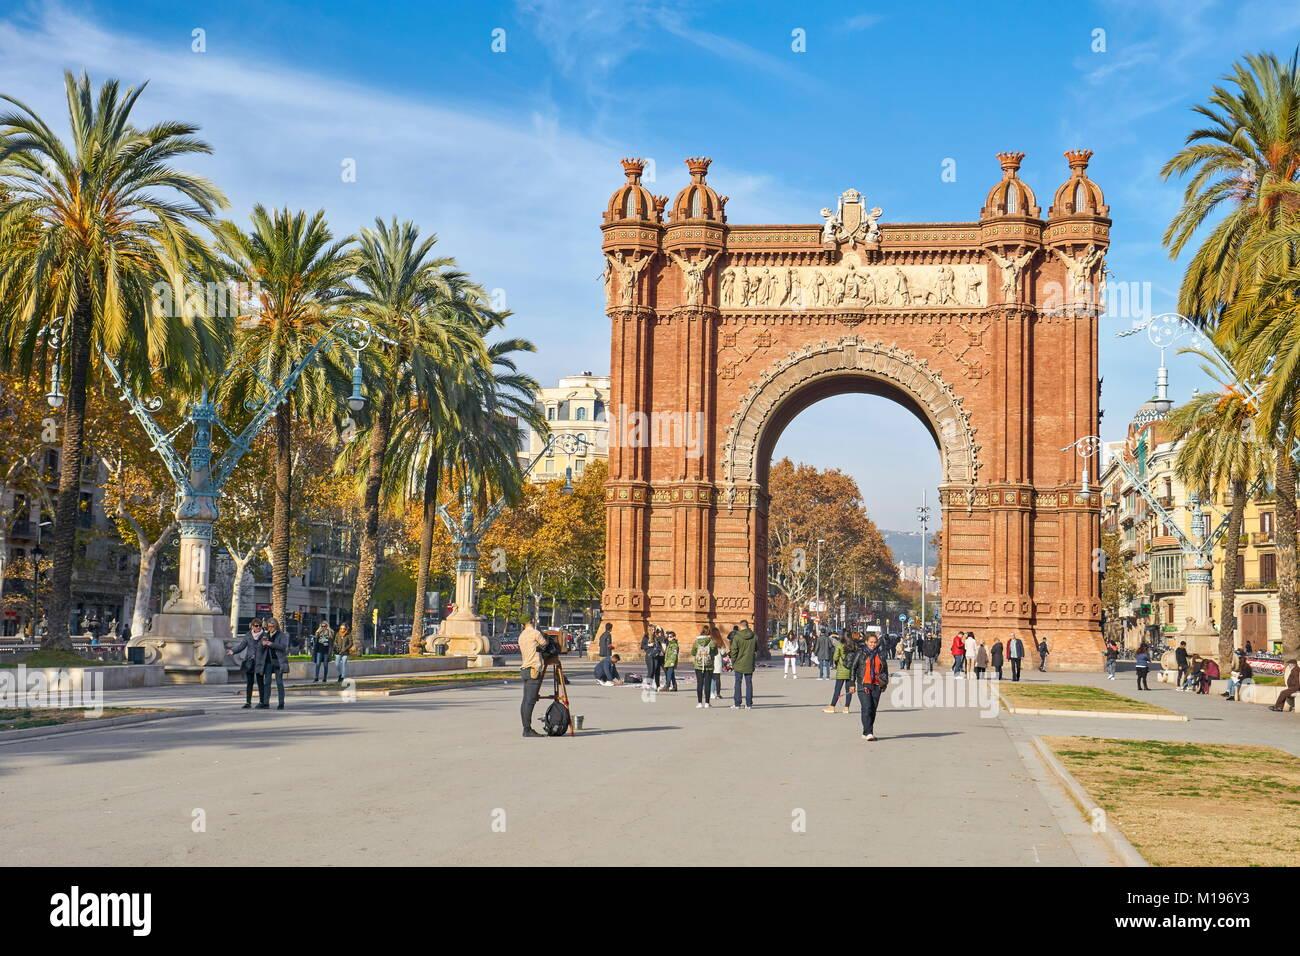 Arc de Triomf o Arco de Triunfo, Barcellona, in Catalogna, Spagna Immagini Stock